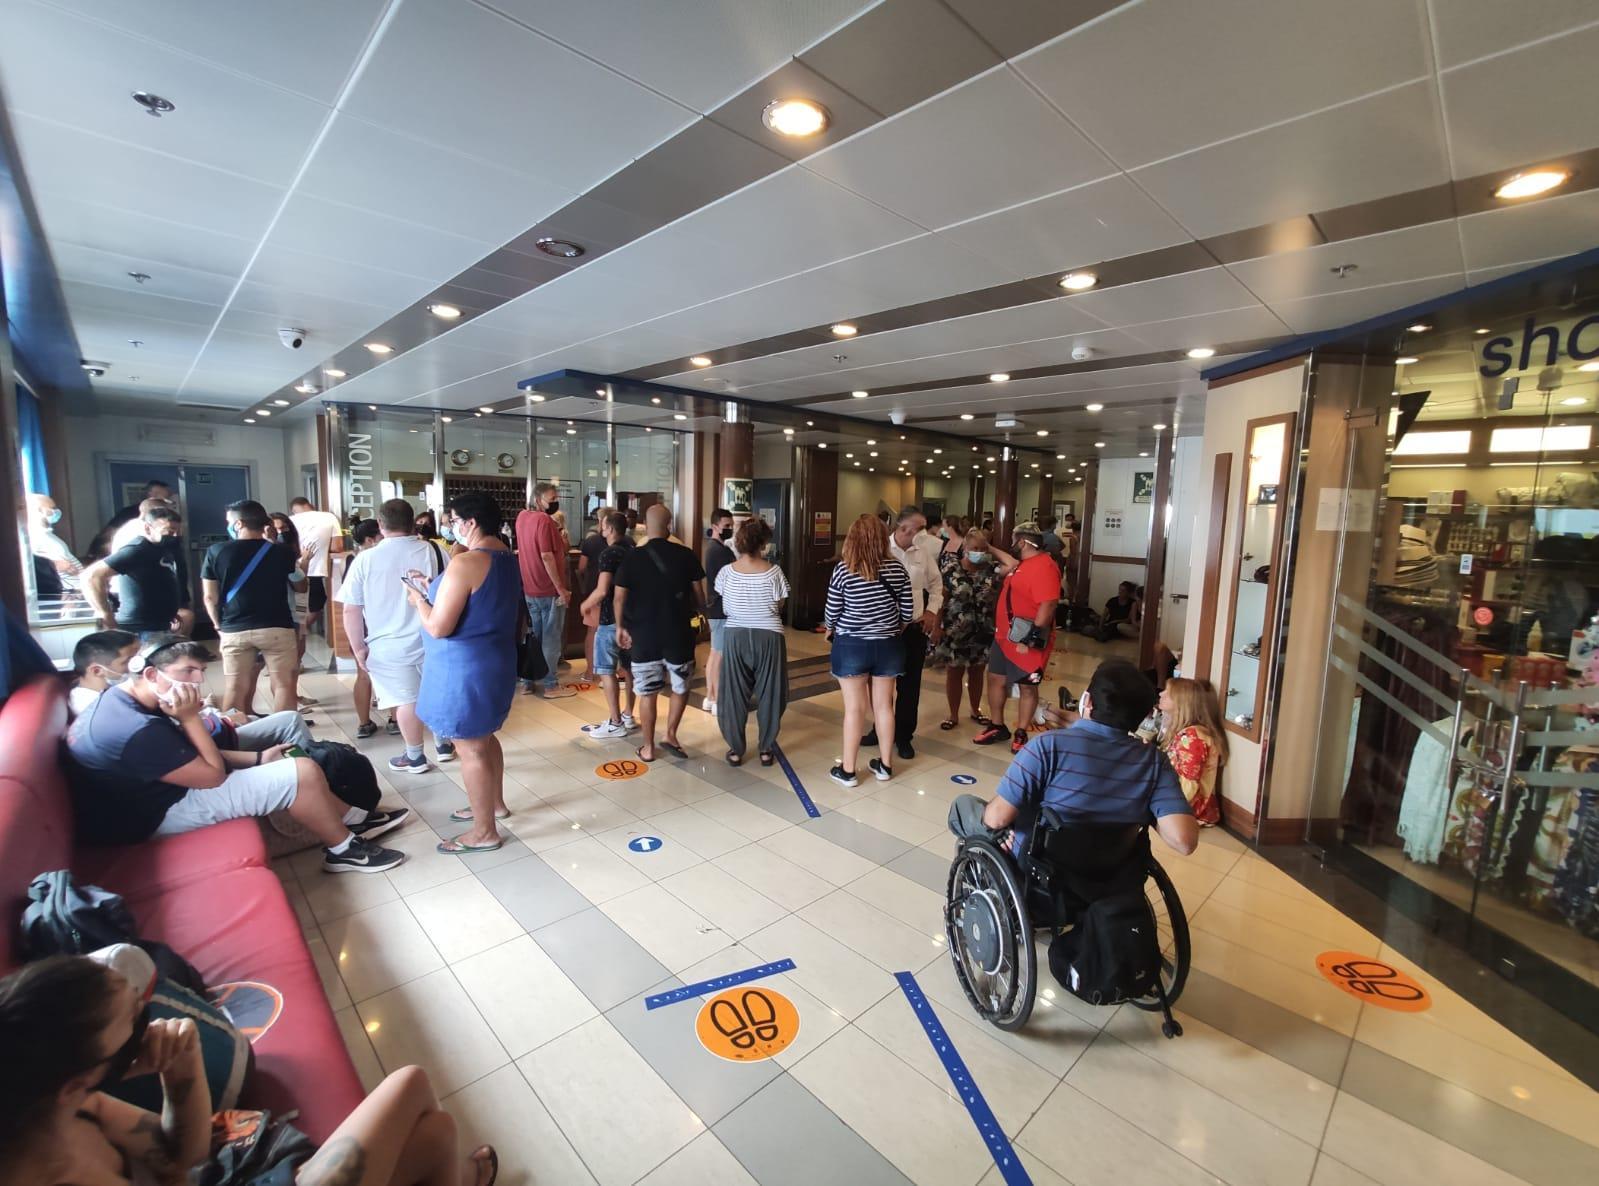 Caos en un barco atracado en Palma: los pasajeros denuncian retrasos y aglomeraciones